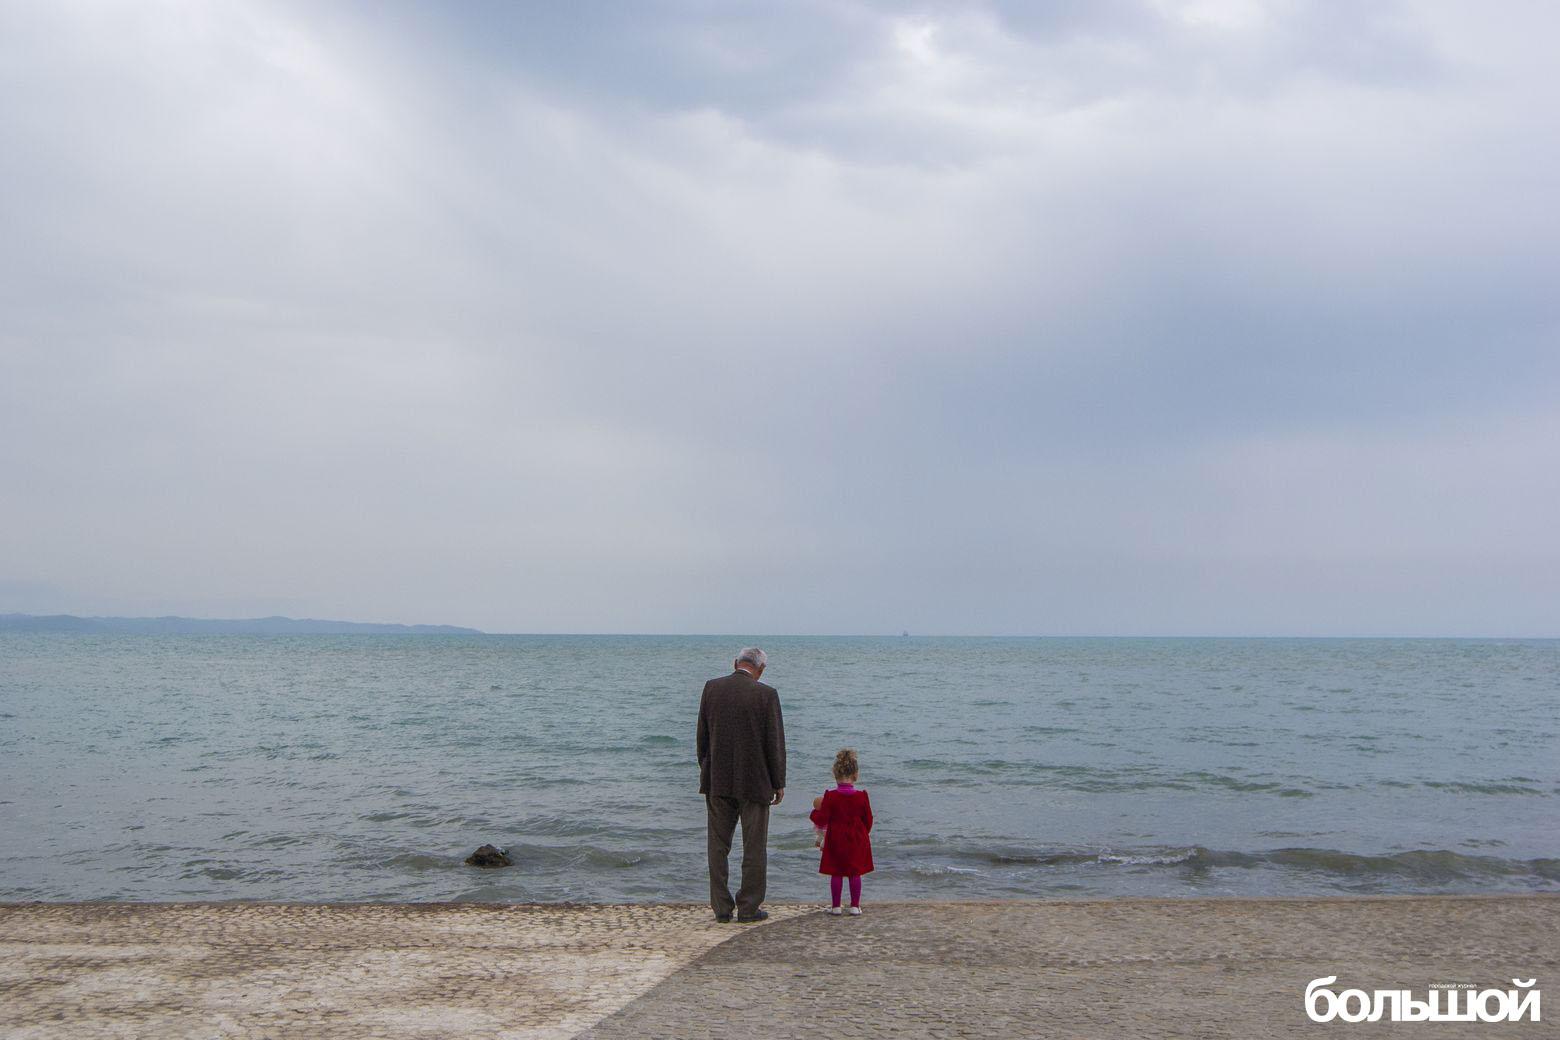 Дедушка с внучкой в красном на фоне моря